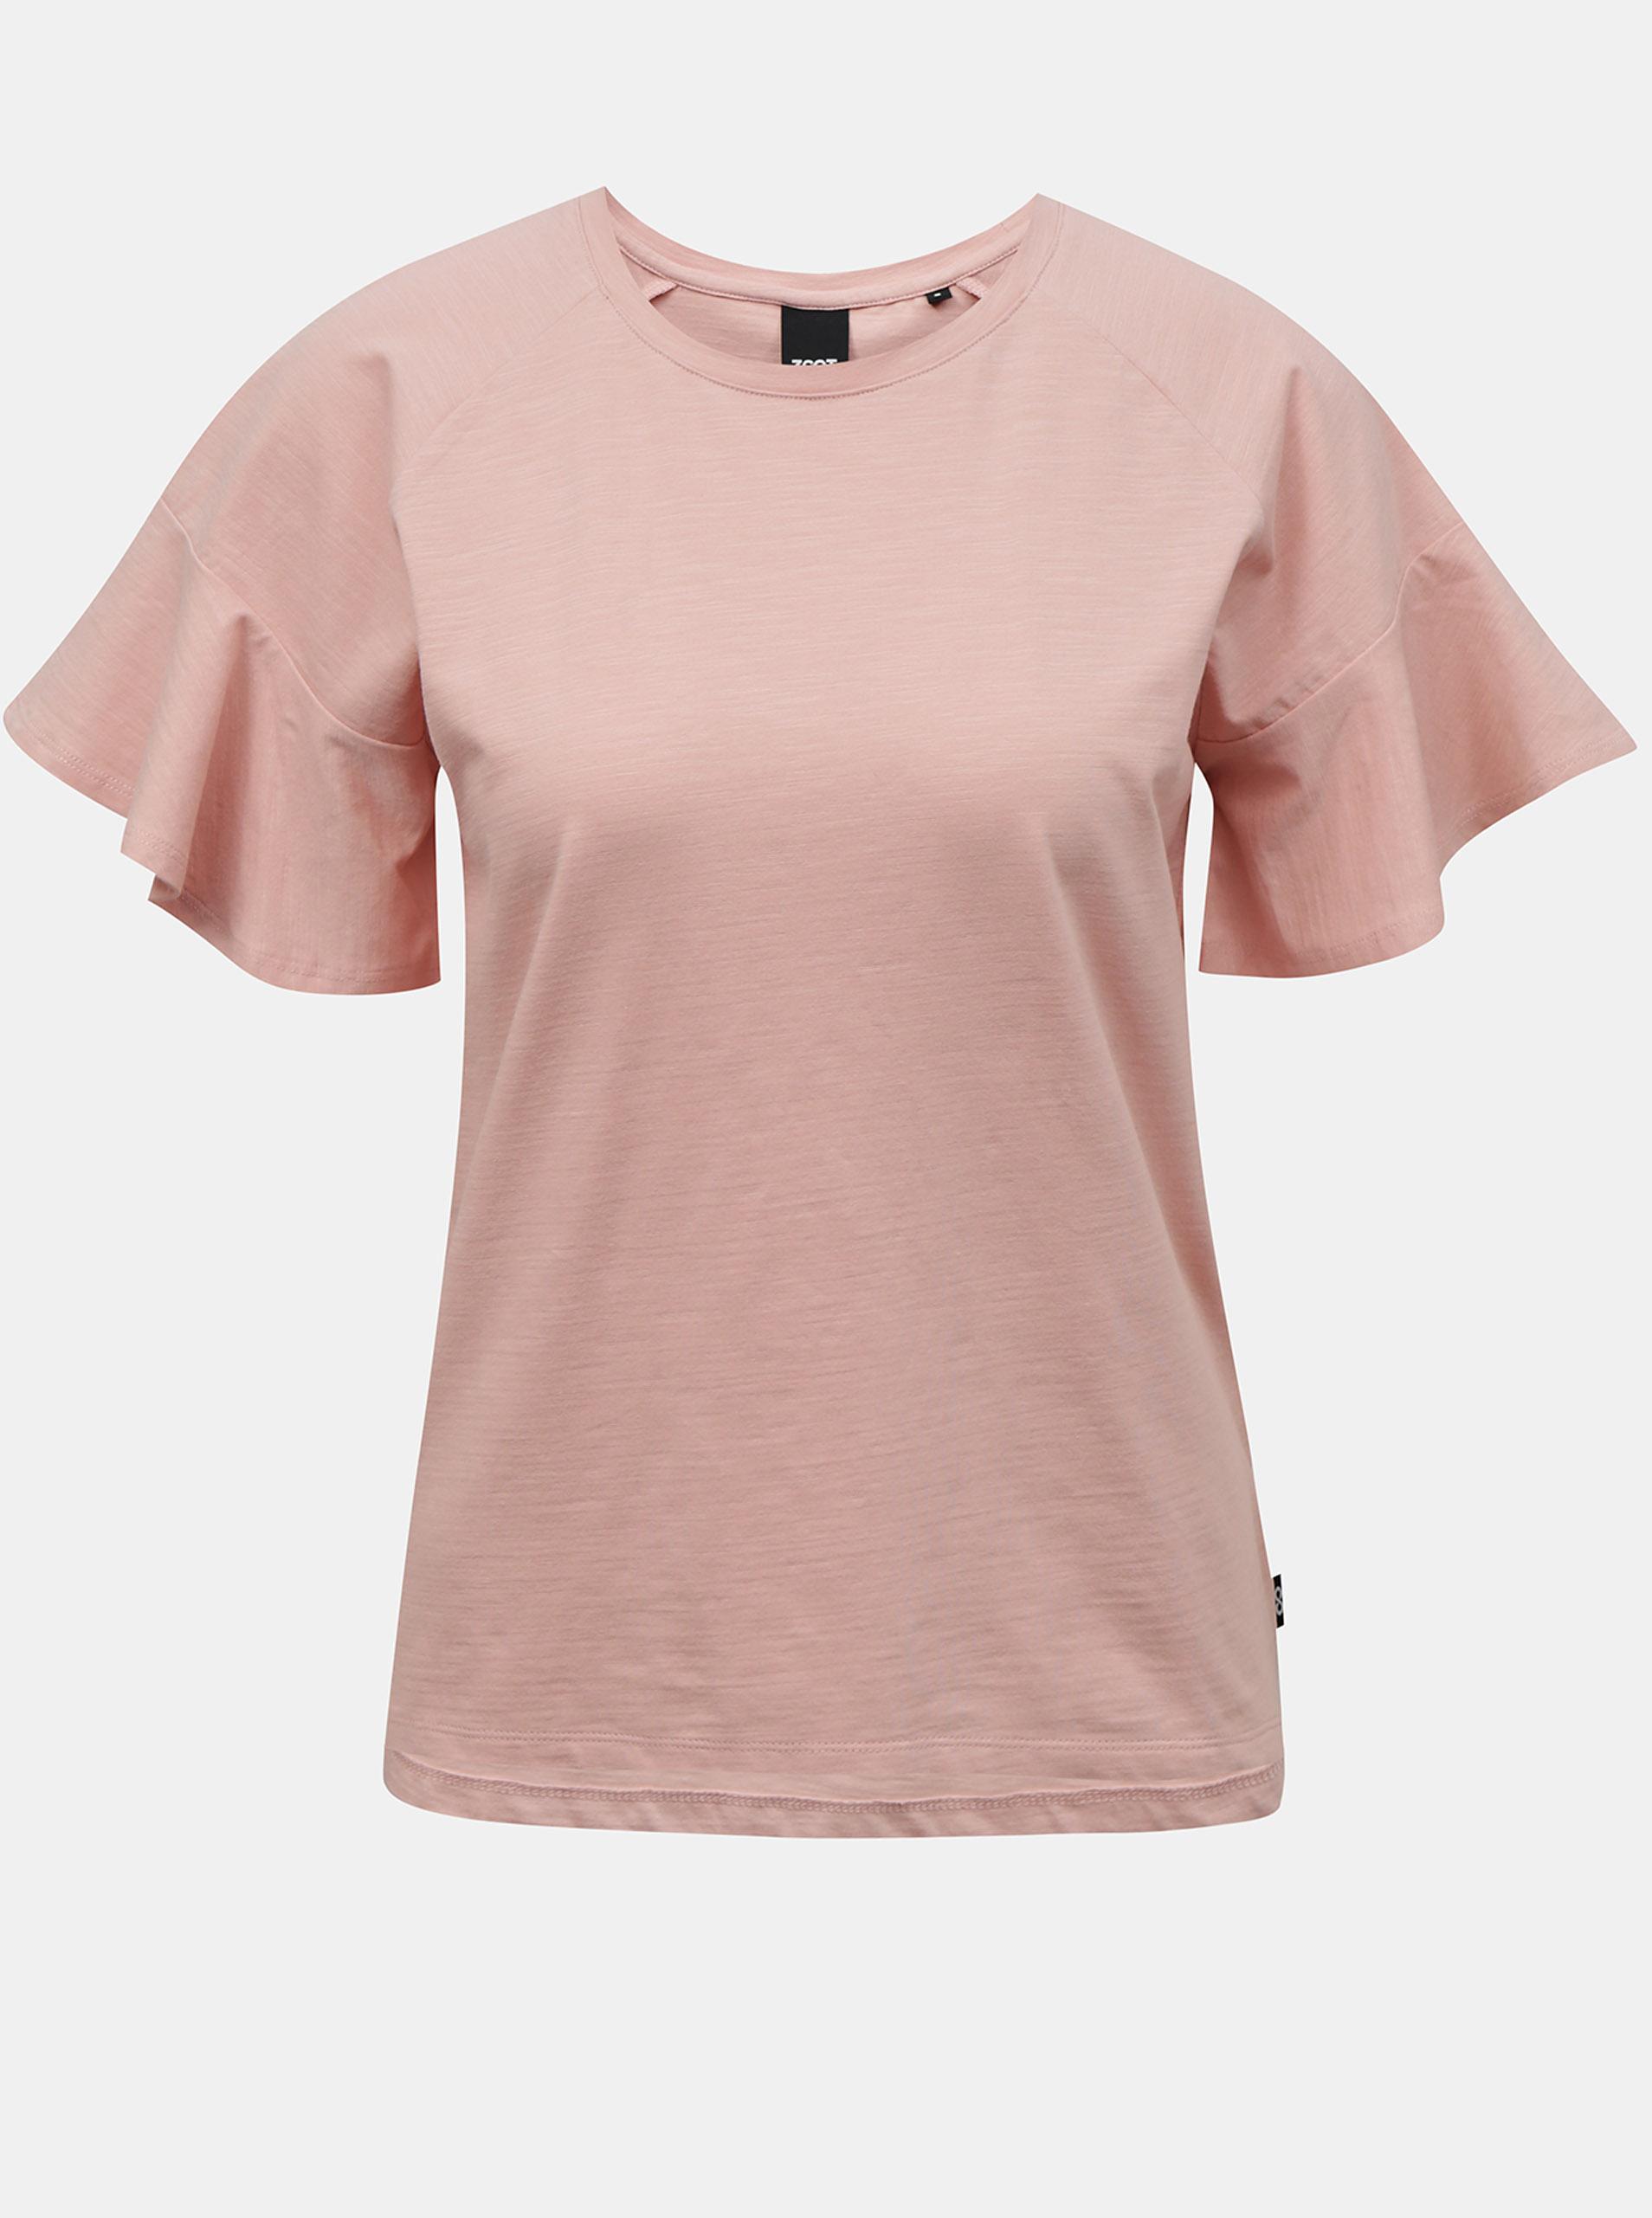 ZOOT světle růžové dámské tričko Aurelia